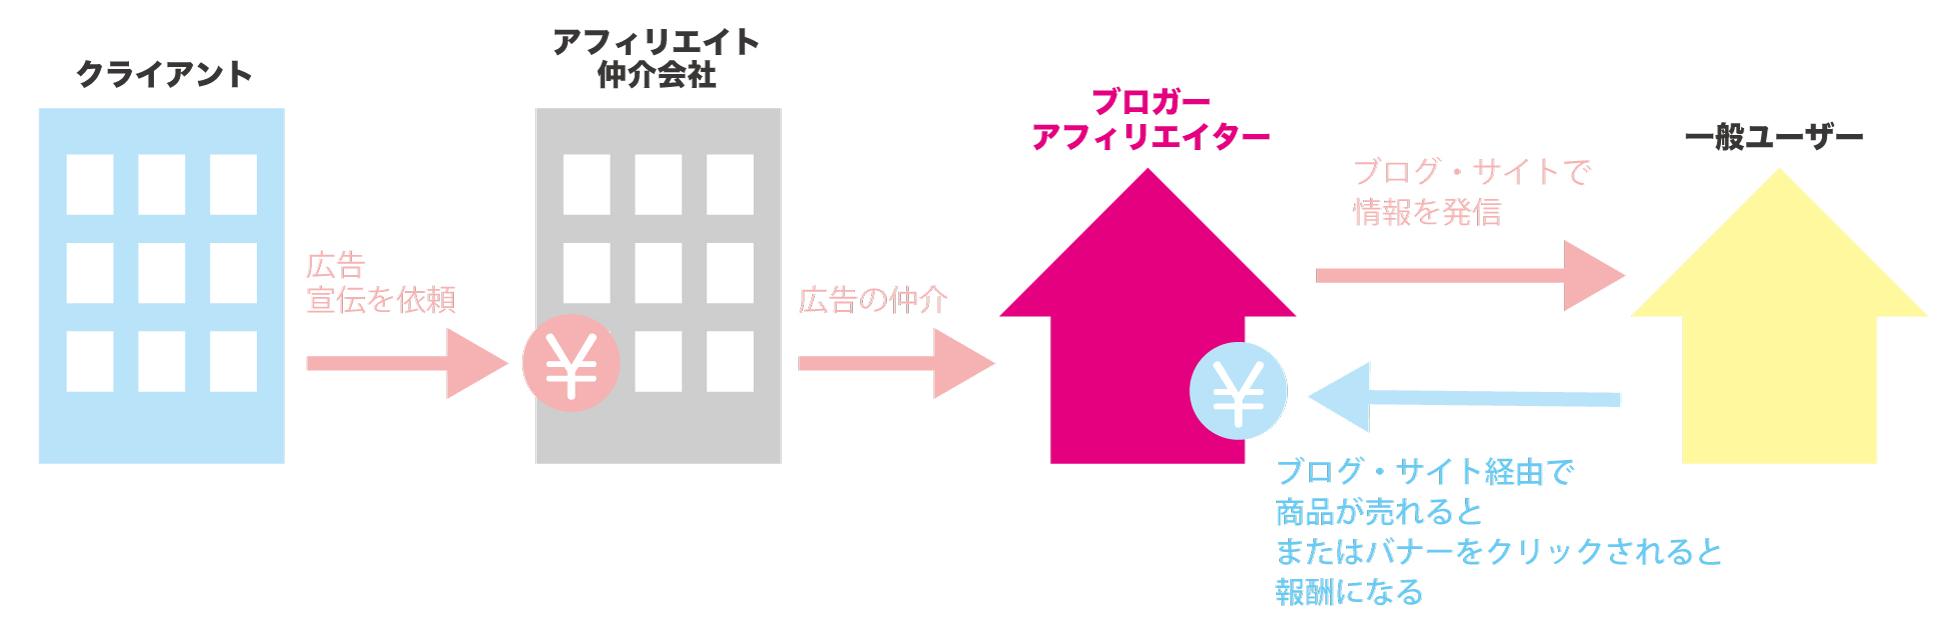 アフィリエイトの仕組みの図解